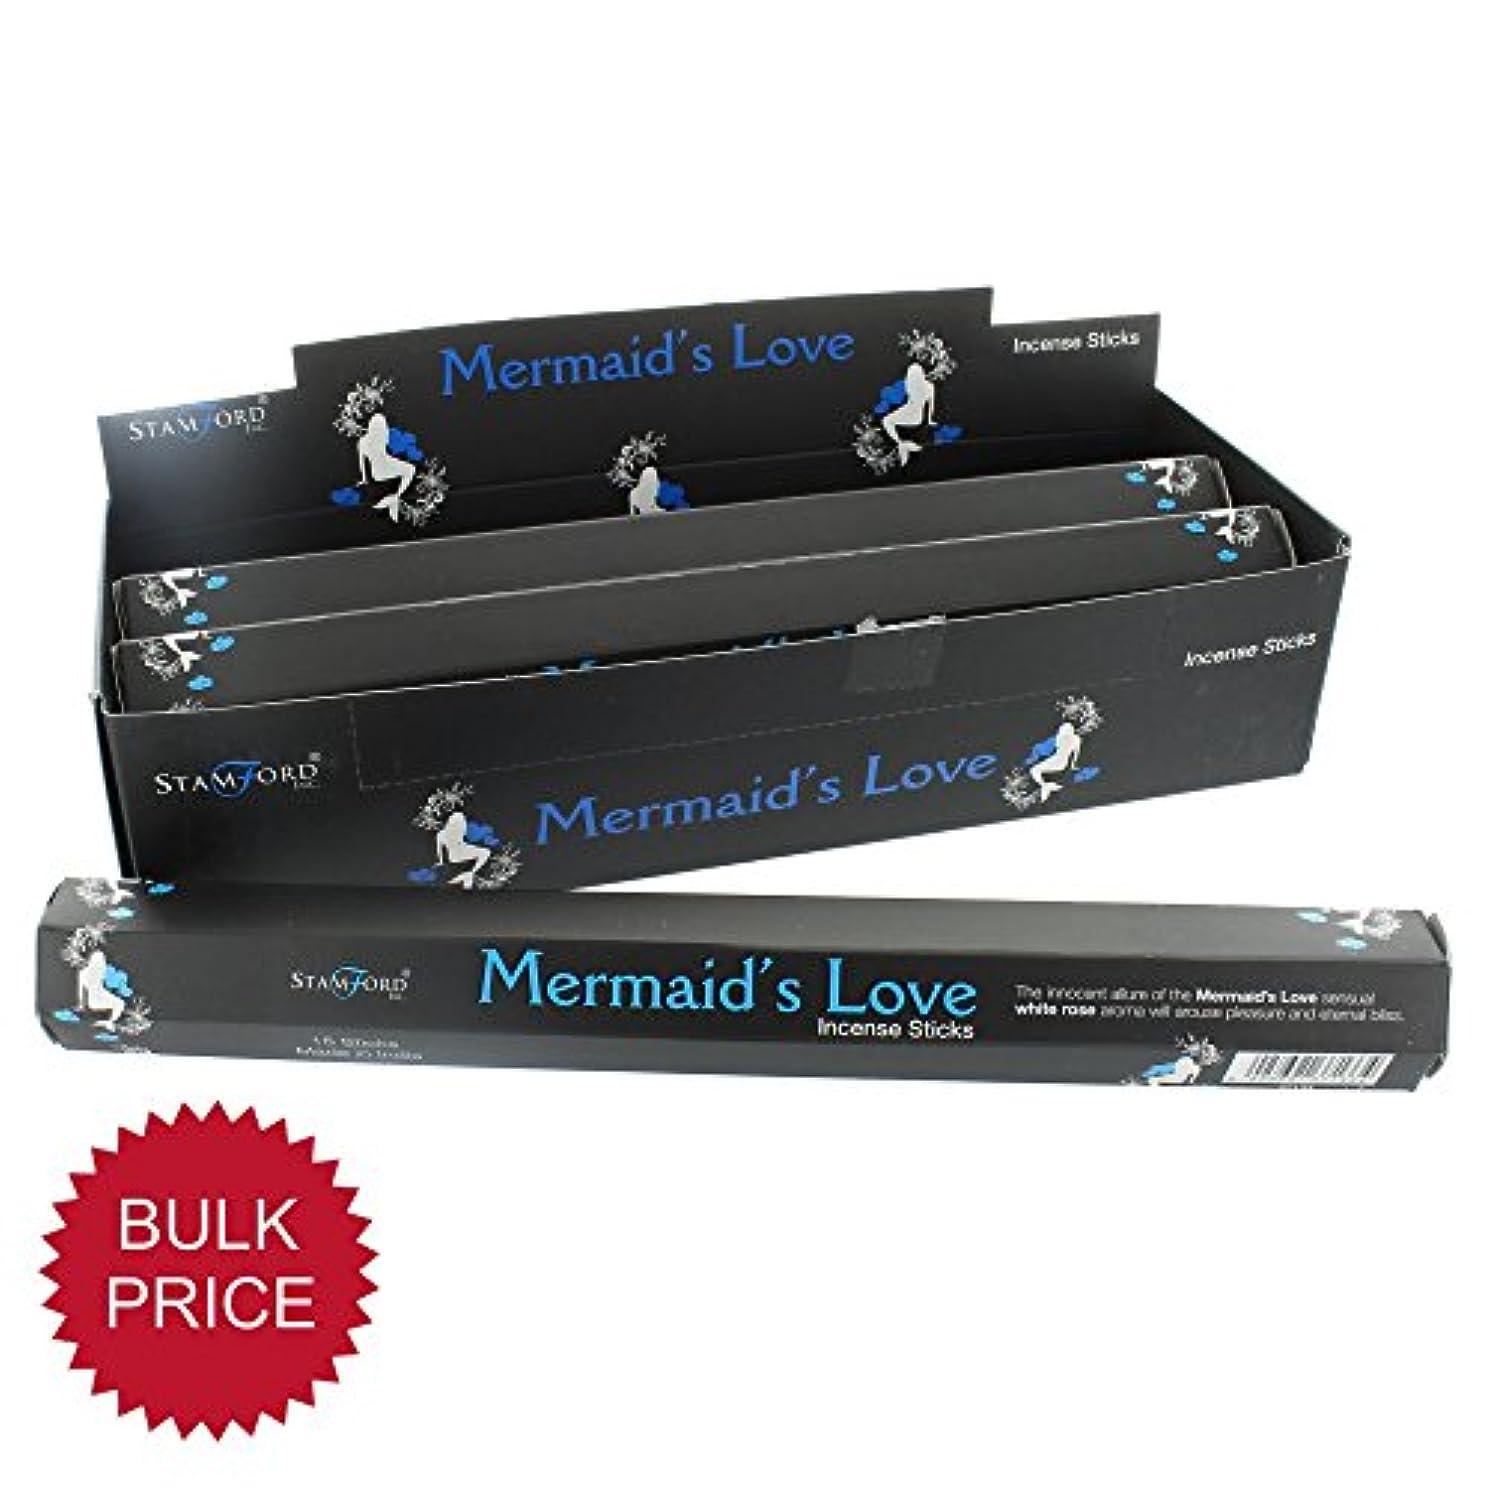 時間とともに芸術印象的な37133 Mermaid 's Love StamfordブラックIncense Sticks